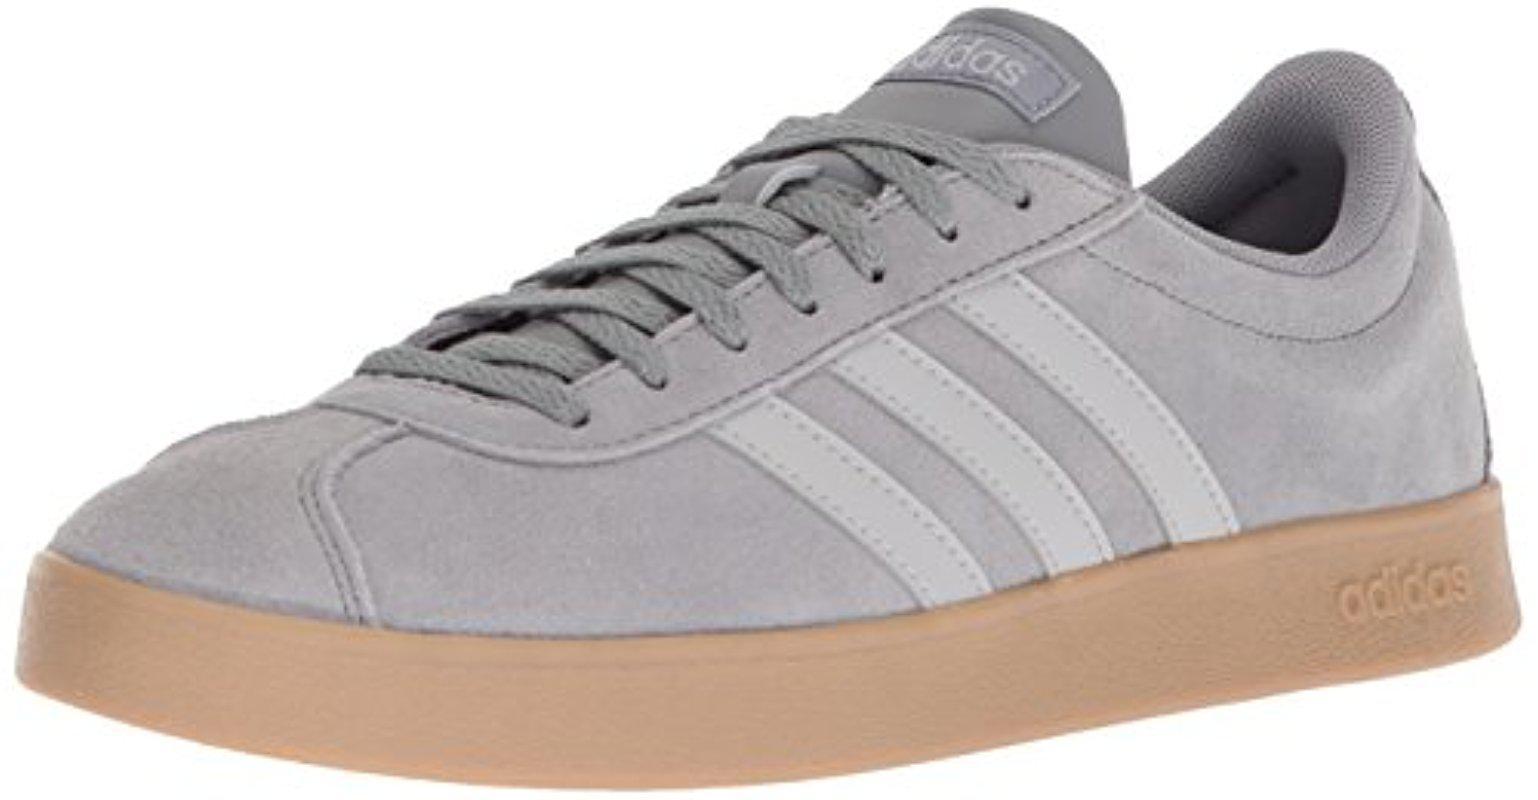 lyst adidas vl corte scarpe da ginnastica in grigio per gli uomini.